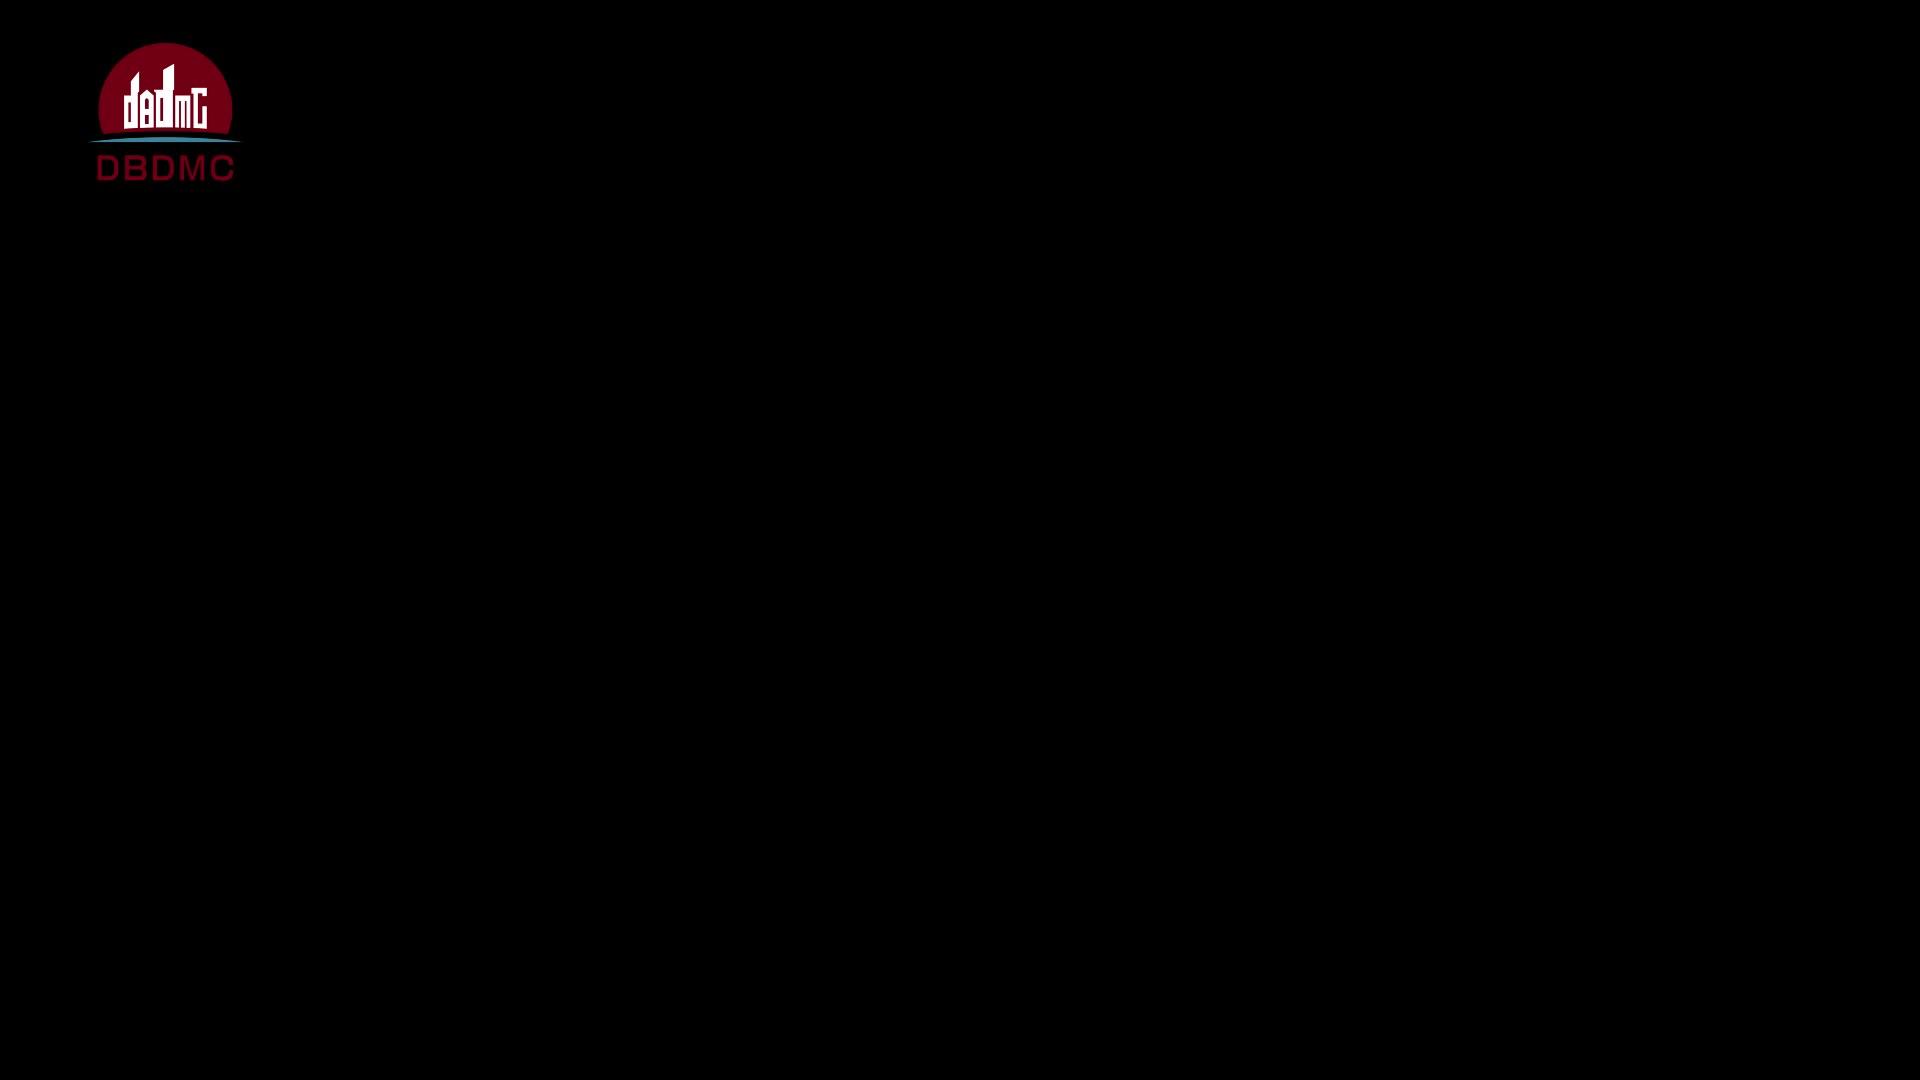 Phổ Biến Tinh Thể Rắn Khối Thủy Tinh Màu Ánh Sáng Nội Bộ Cho Trang Trí Vườn Ladrillos De Vidrio